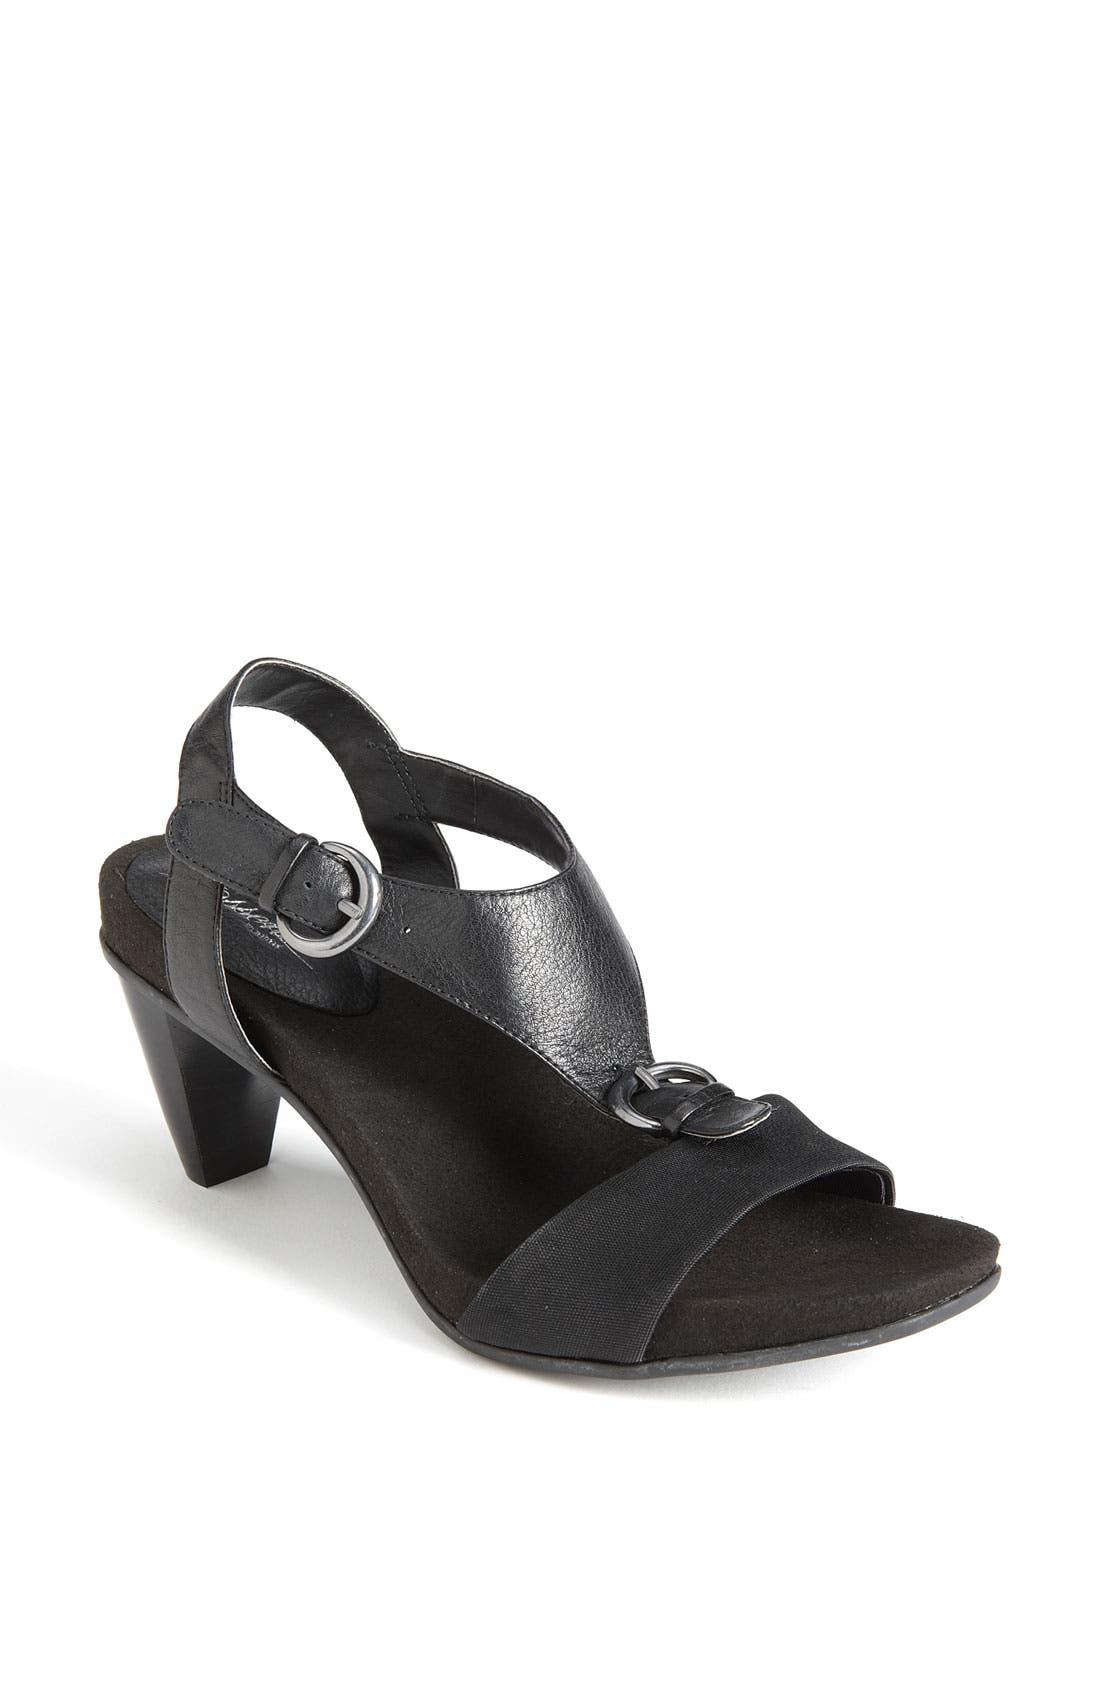 Main Image - Aetrex 'Tanya' Sandal